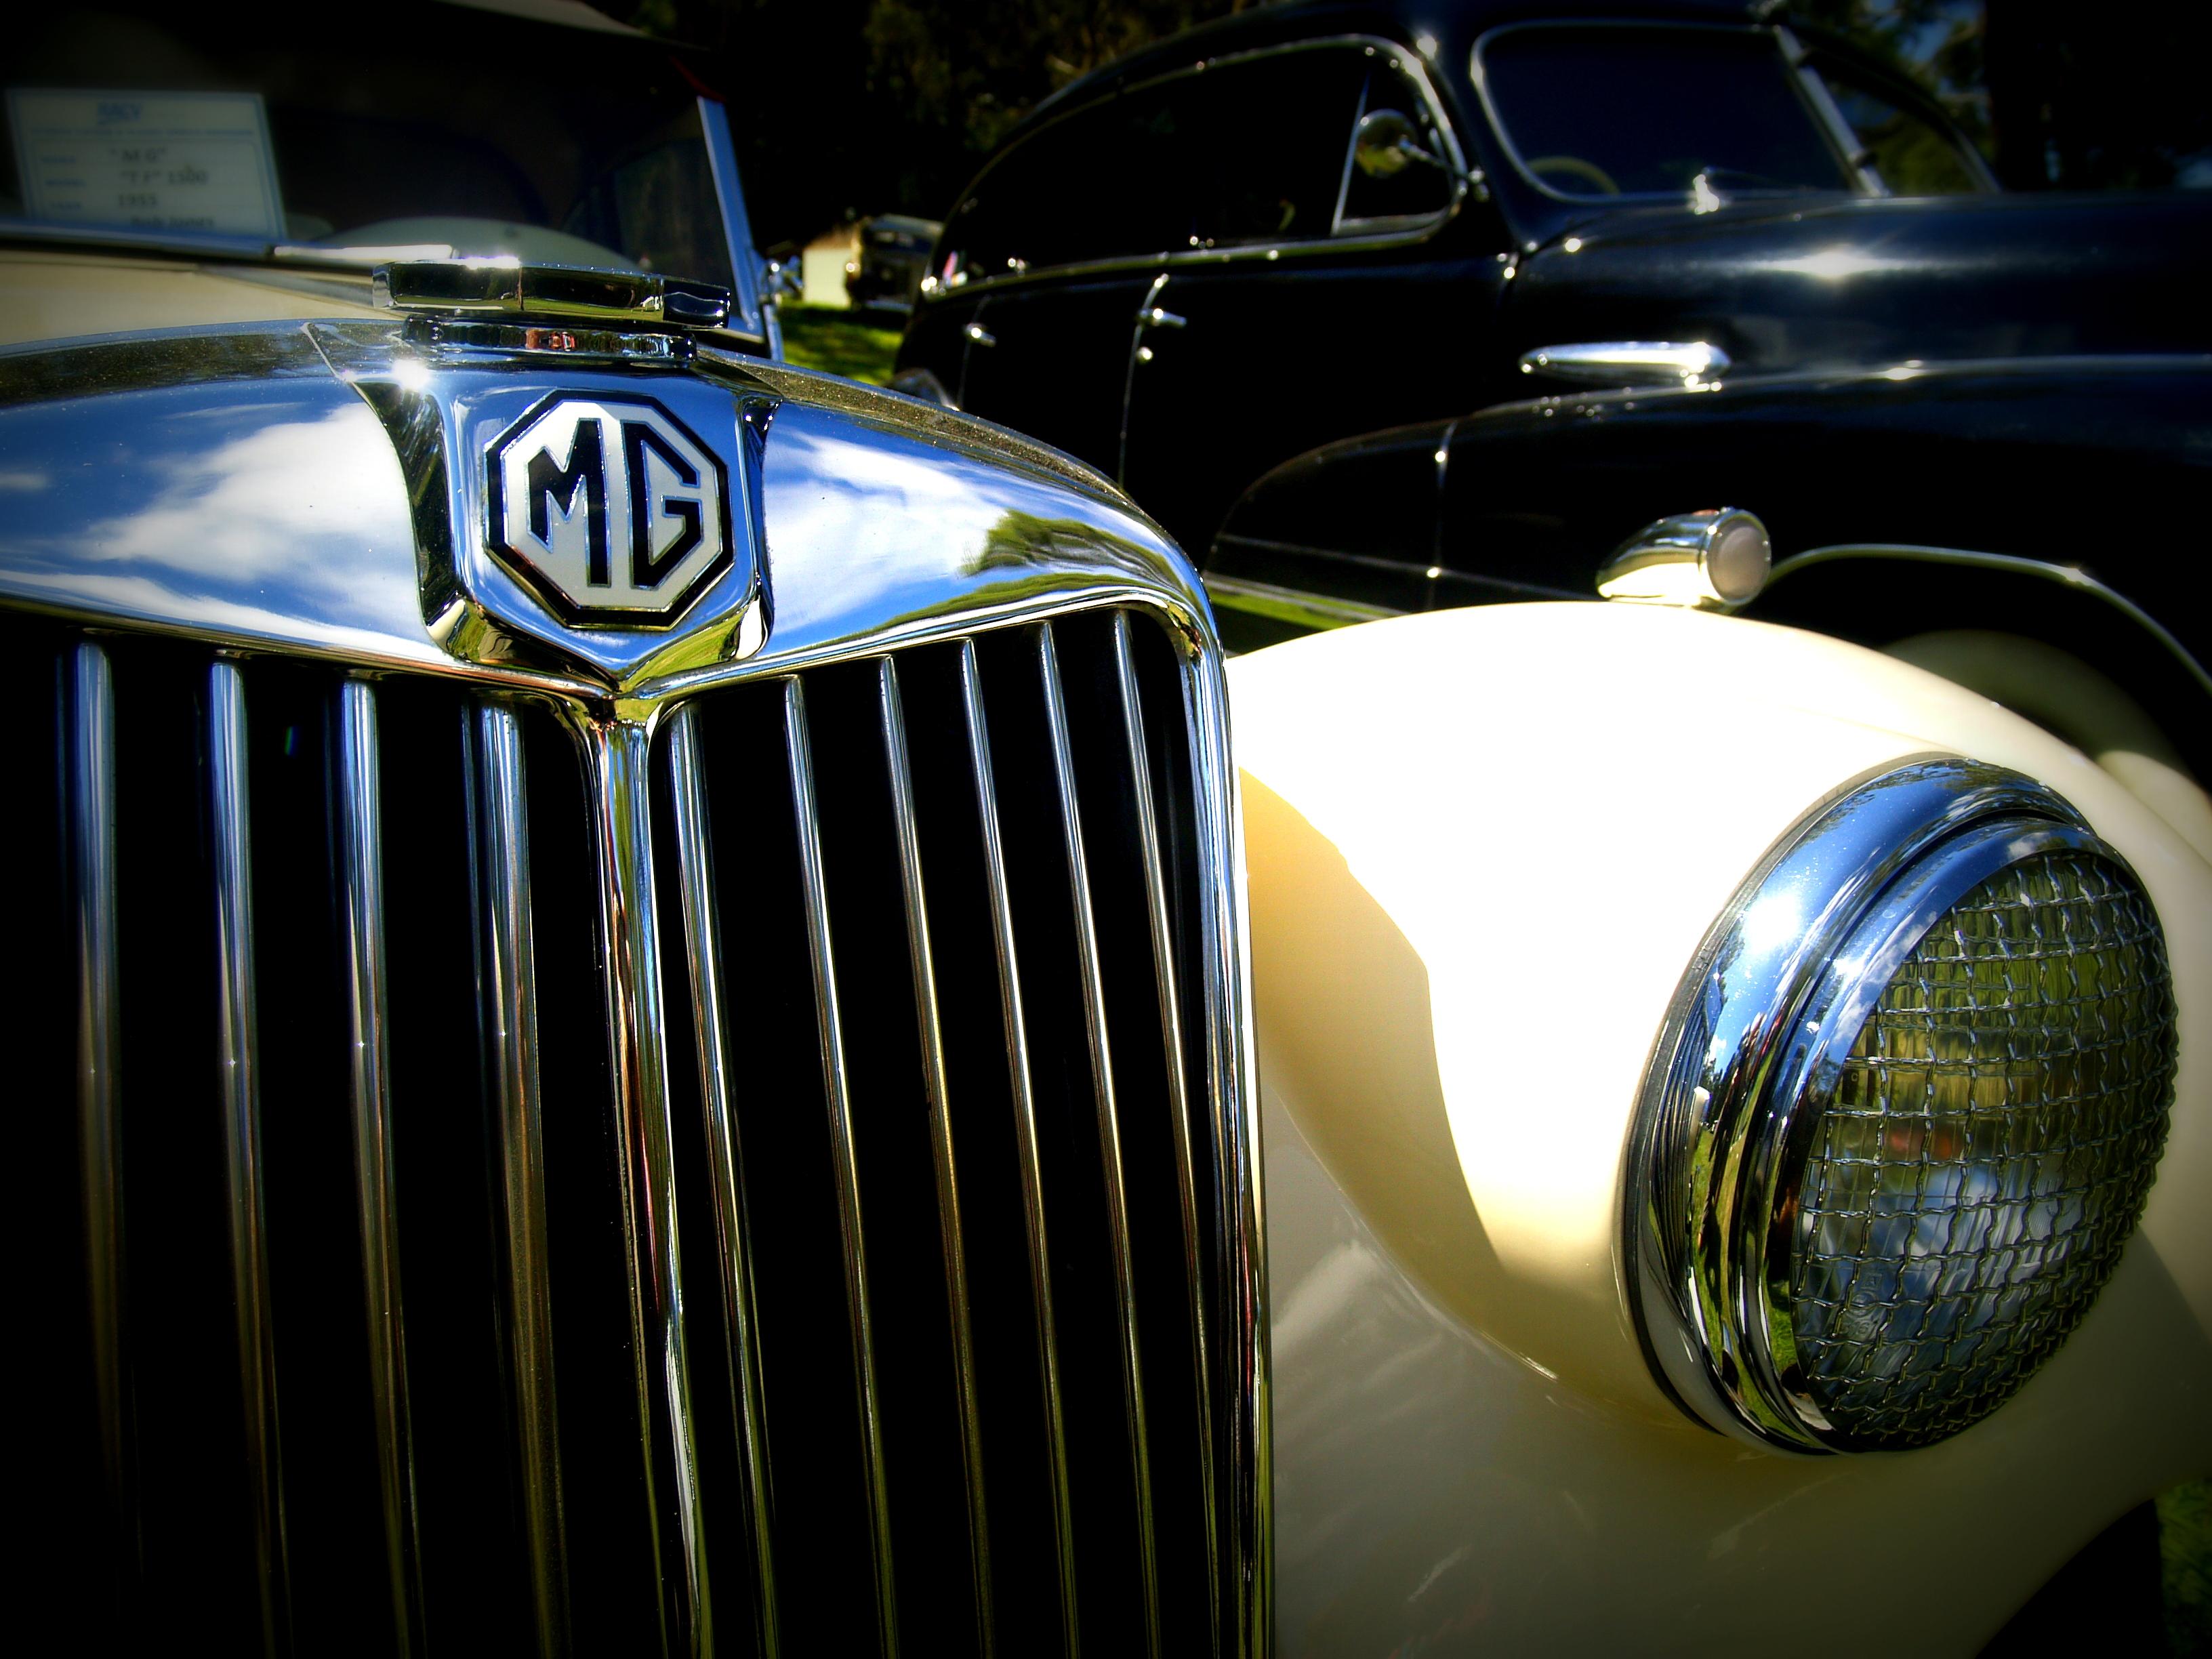 Wallpaper : cars, MG, classics, collectables 3264x2448